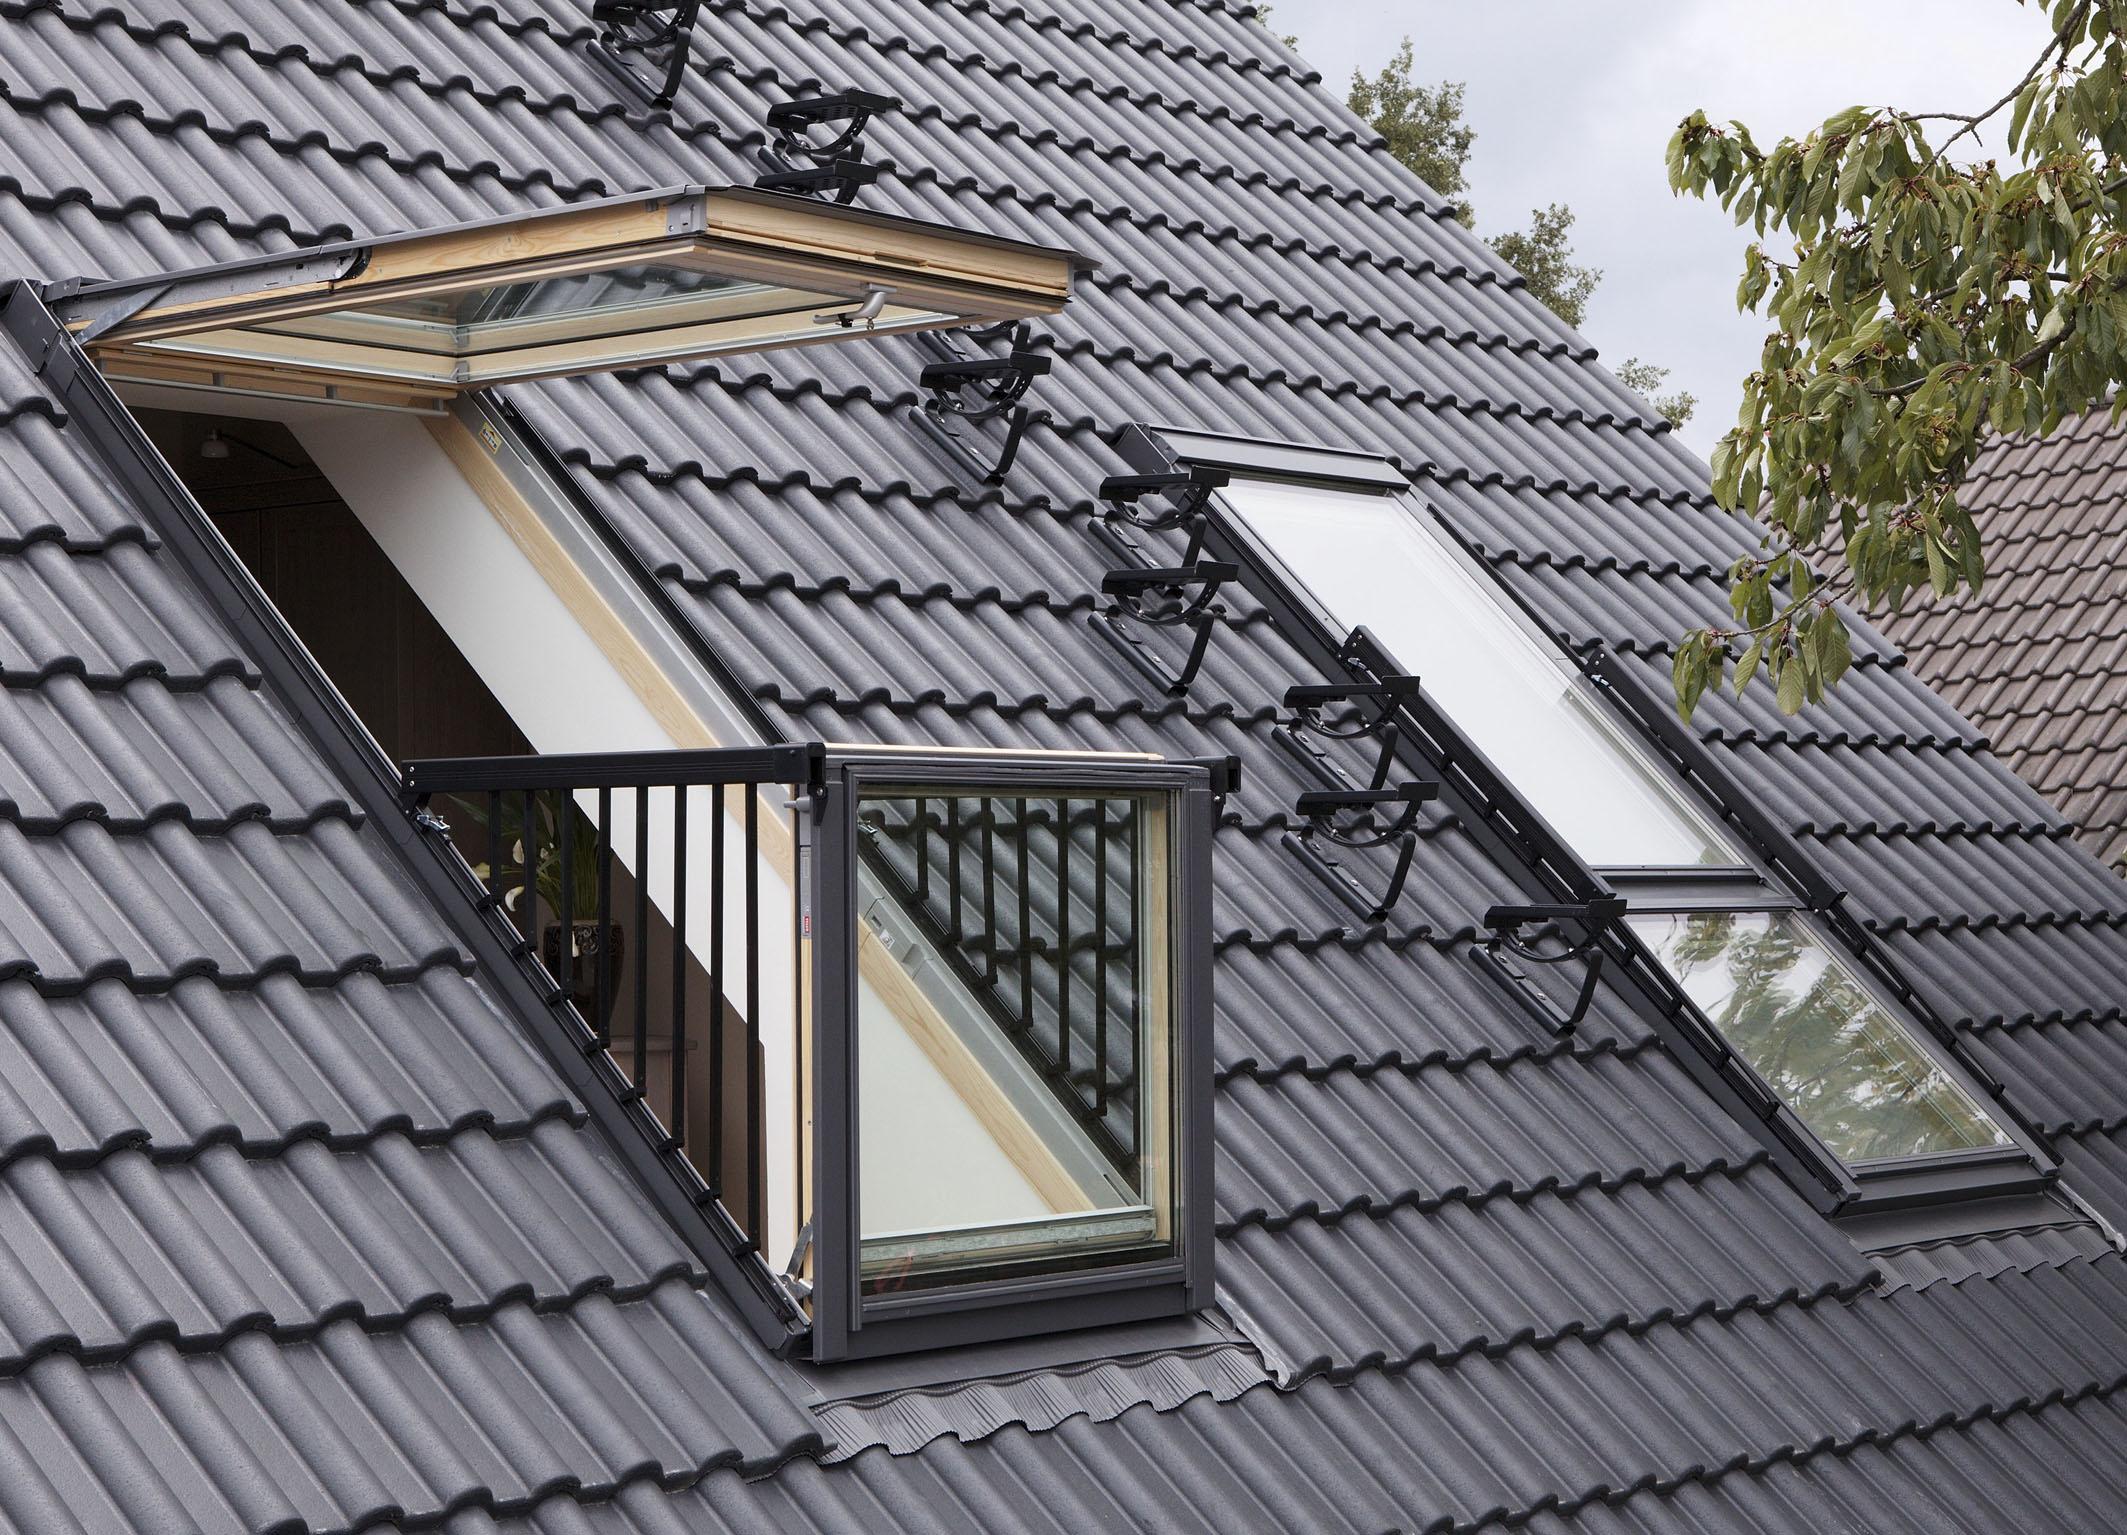 helle traumwohnung mit balkon gesucht qualit t f r fenster und fassade sichern. Black Bedroom Furniture Sets. Home Design Ideas